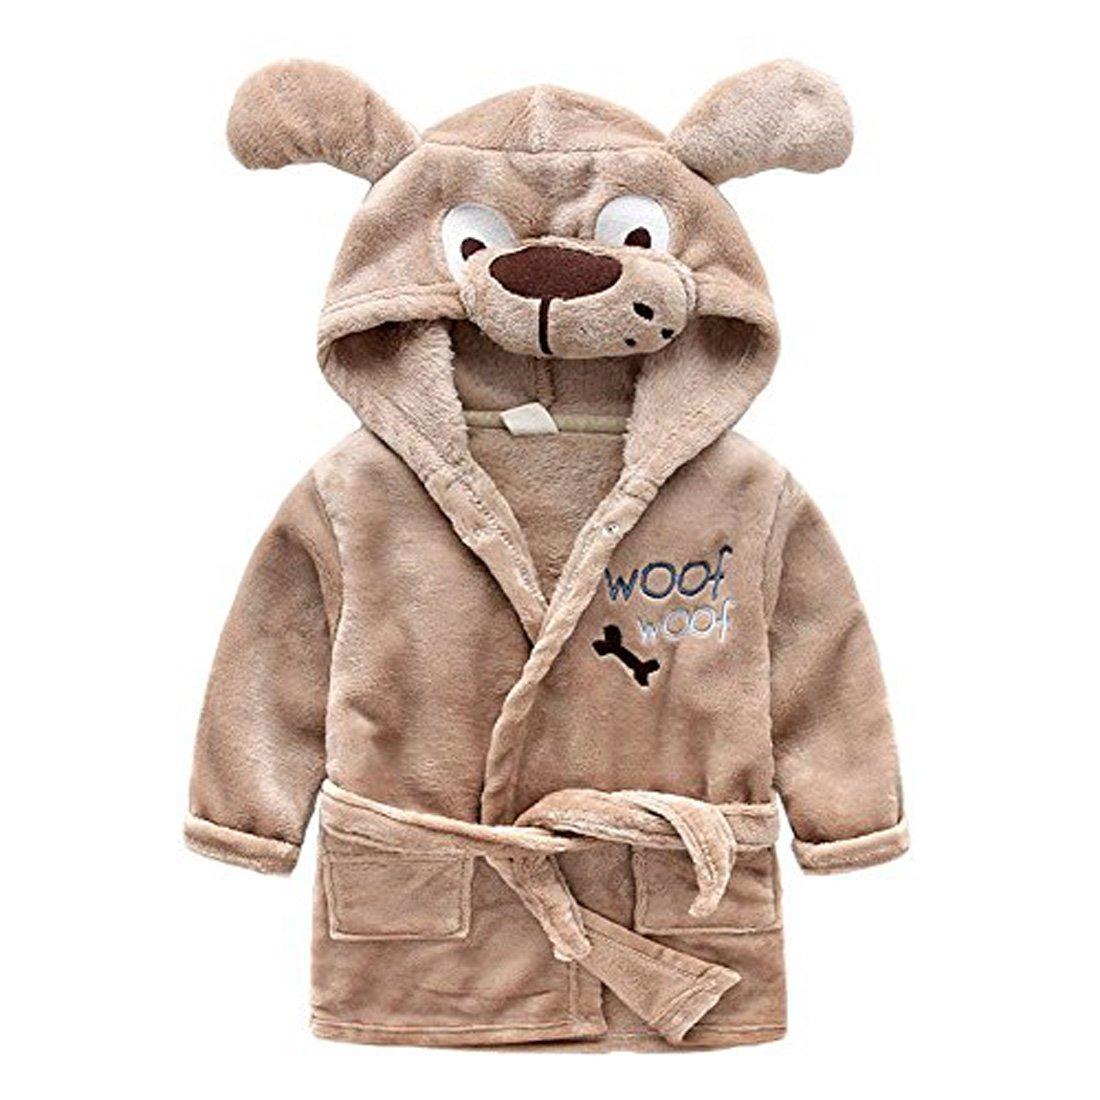 Toddler/kids Hooded Plush Robe Animal Fleece Bathrobe Children Pajamas Sleepwear (18 Month - 2T, Woof)